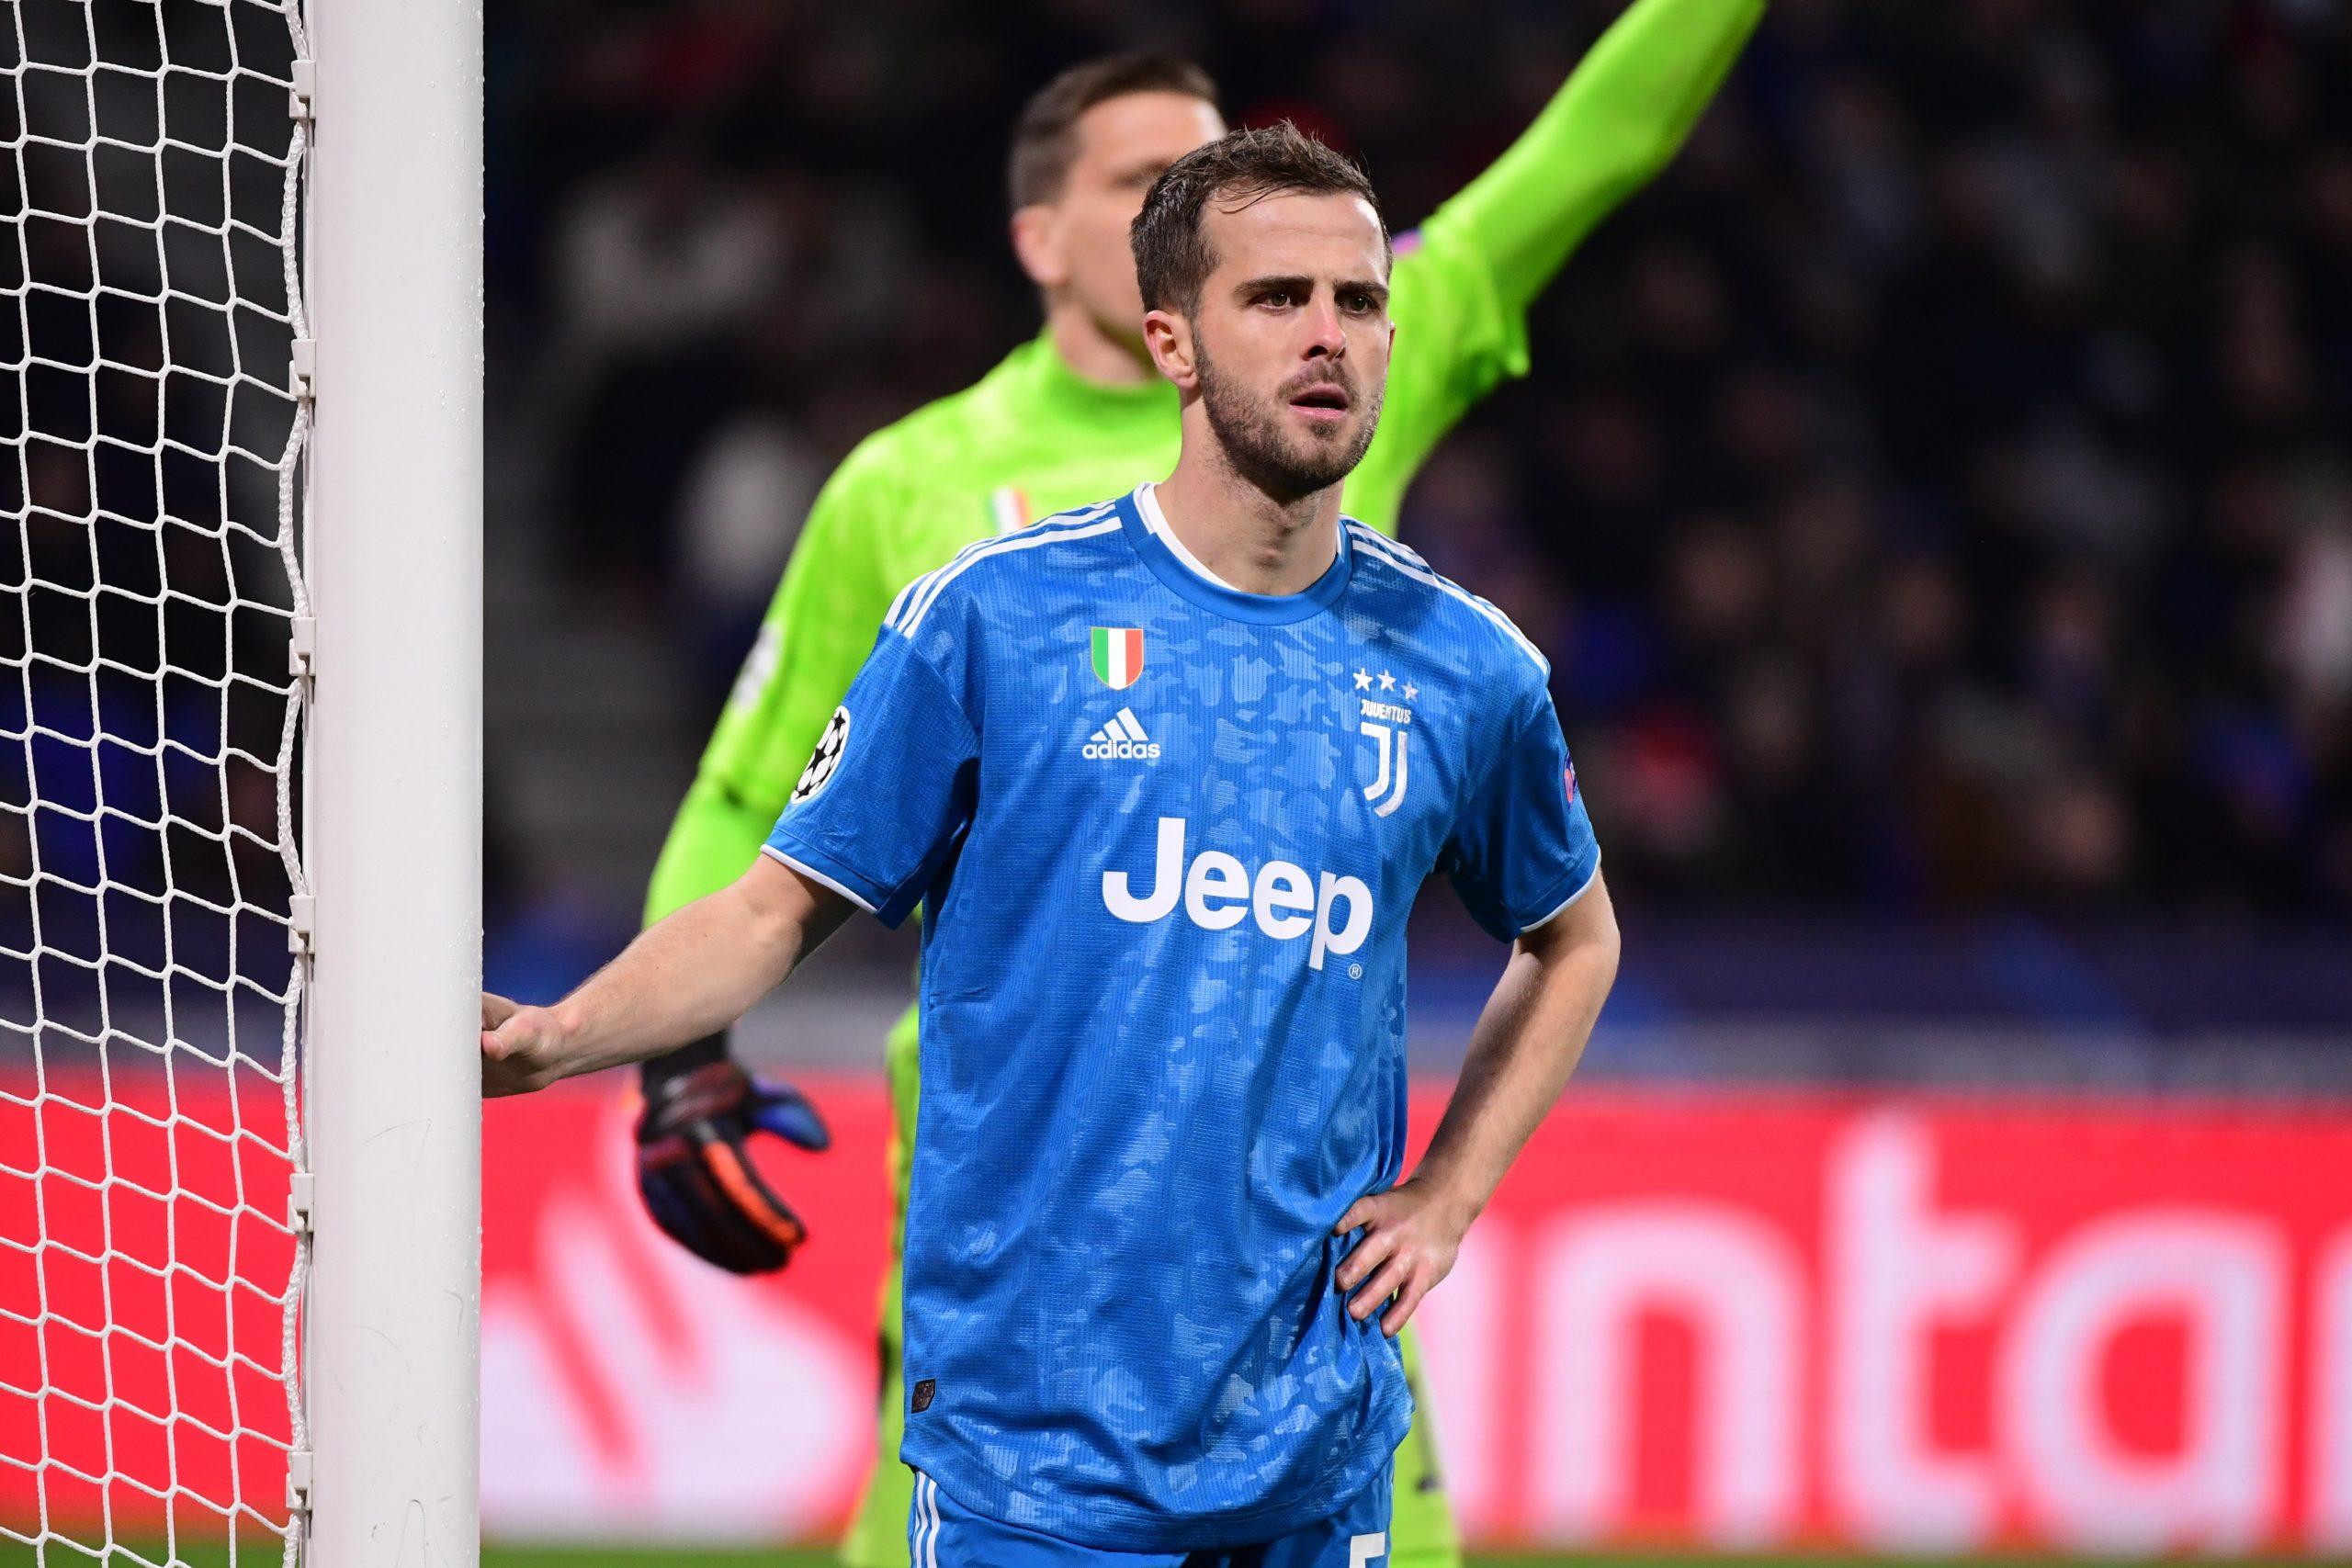 Pjanic au PSG, Paredes à la Juve ? - Fil Info - Transferts